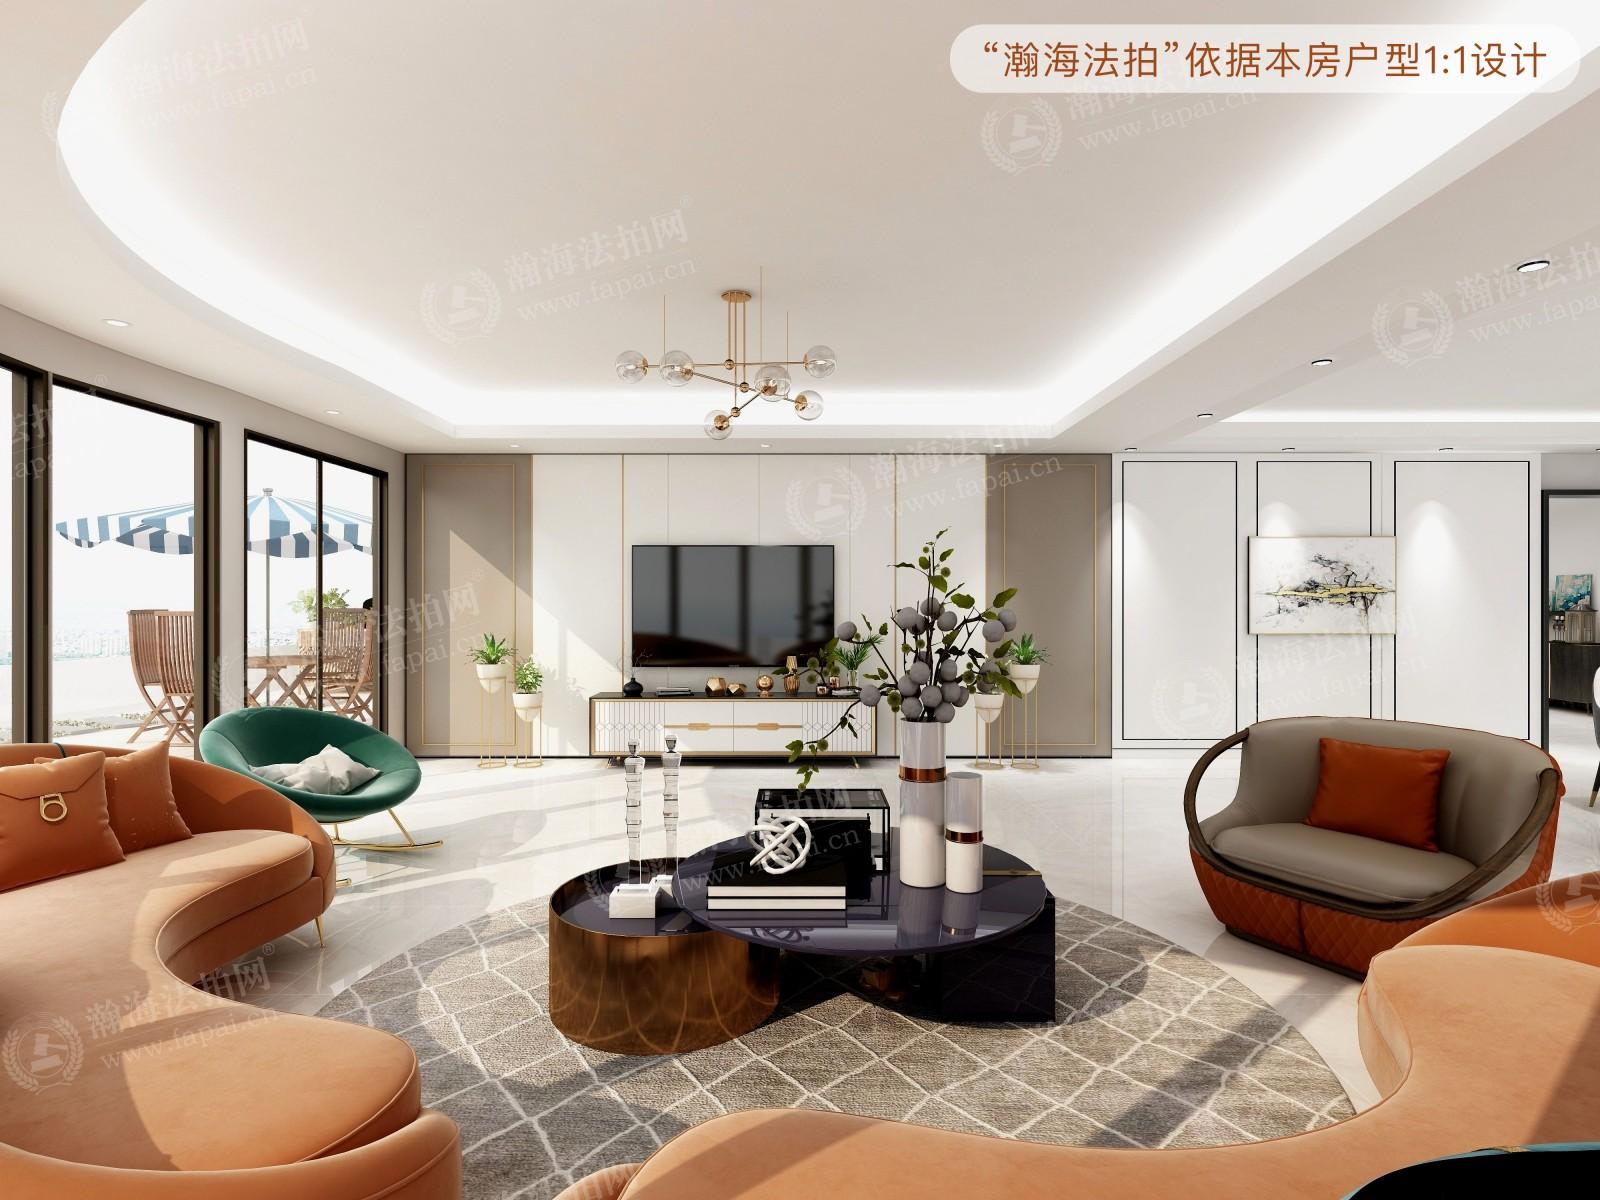 骏豪阿玛尼公寓2号楼1701室